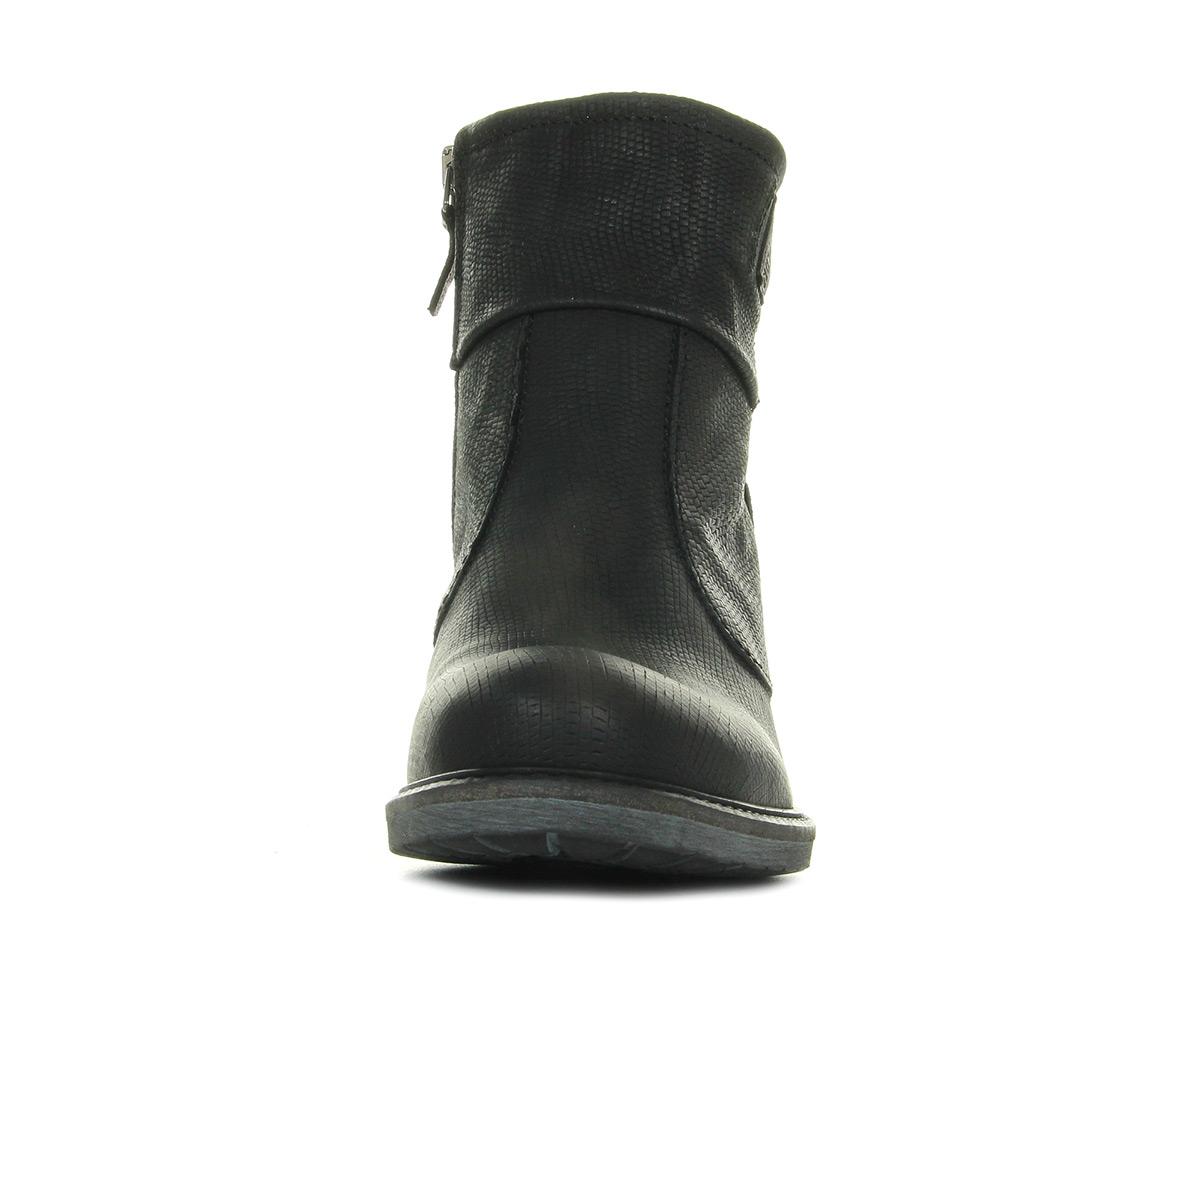 Palladium PLDM Sedina Trn Black 75039315, Bottines femme